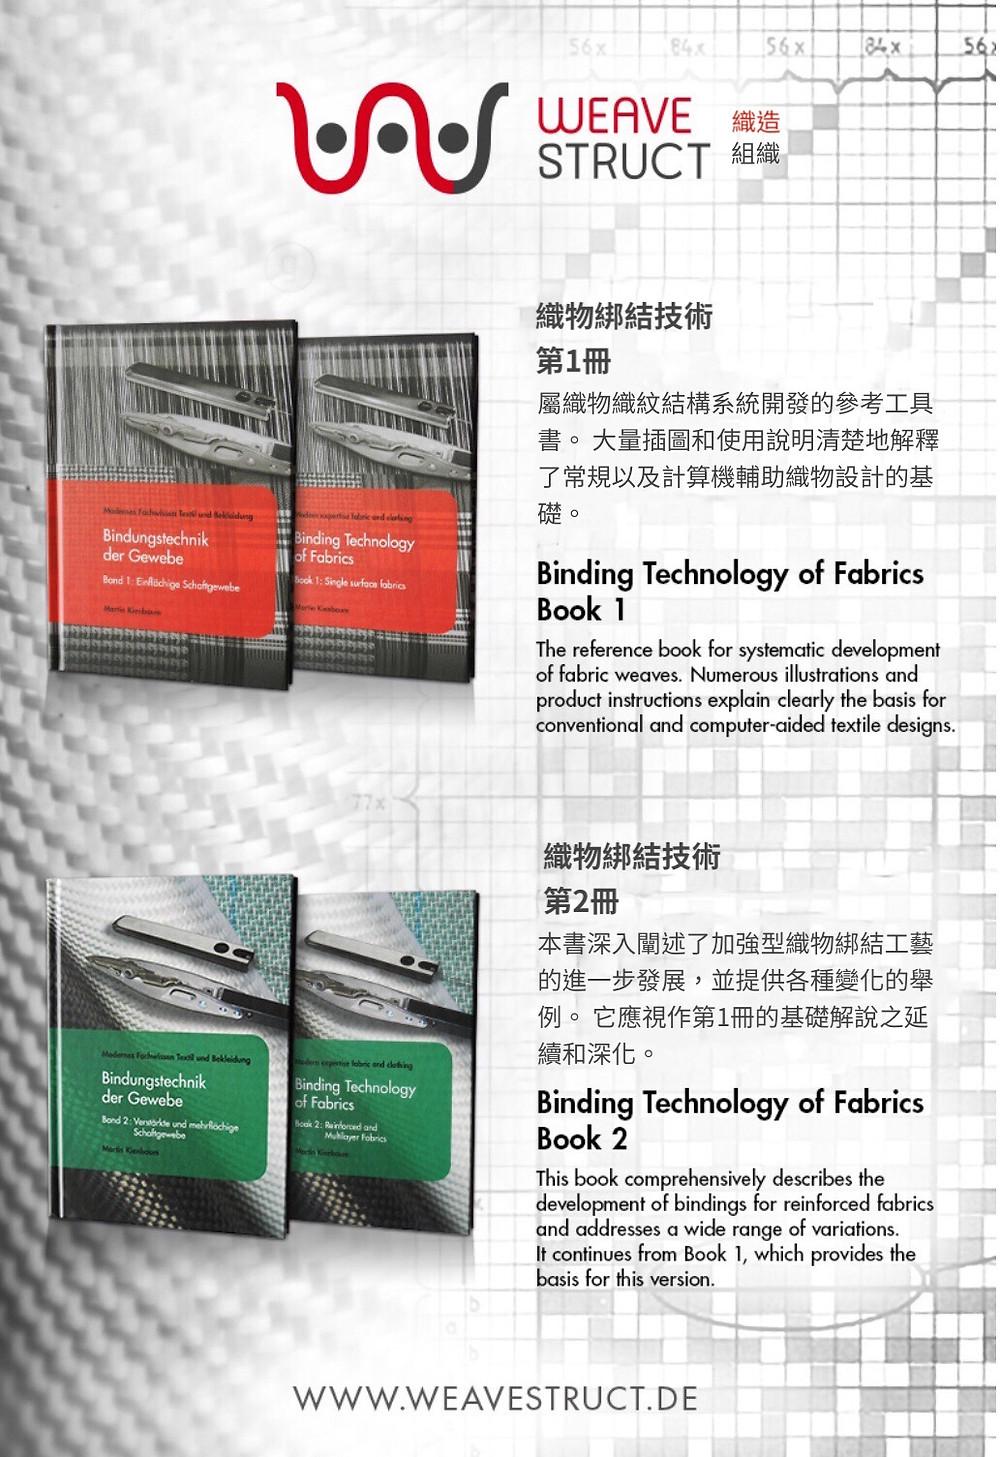 binding technology of fabrics